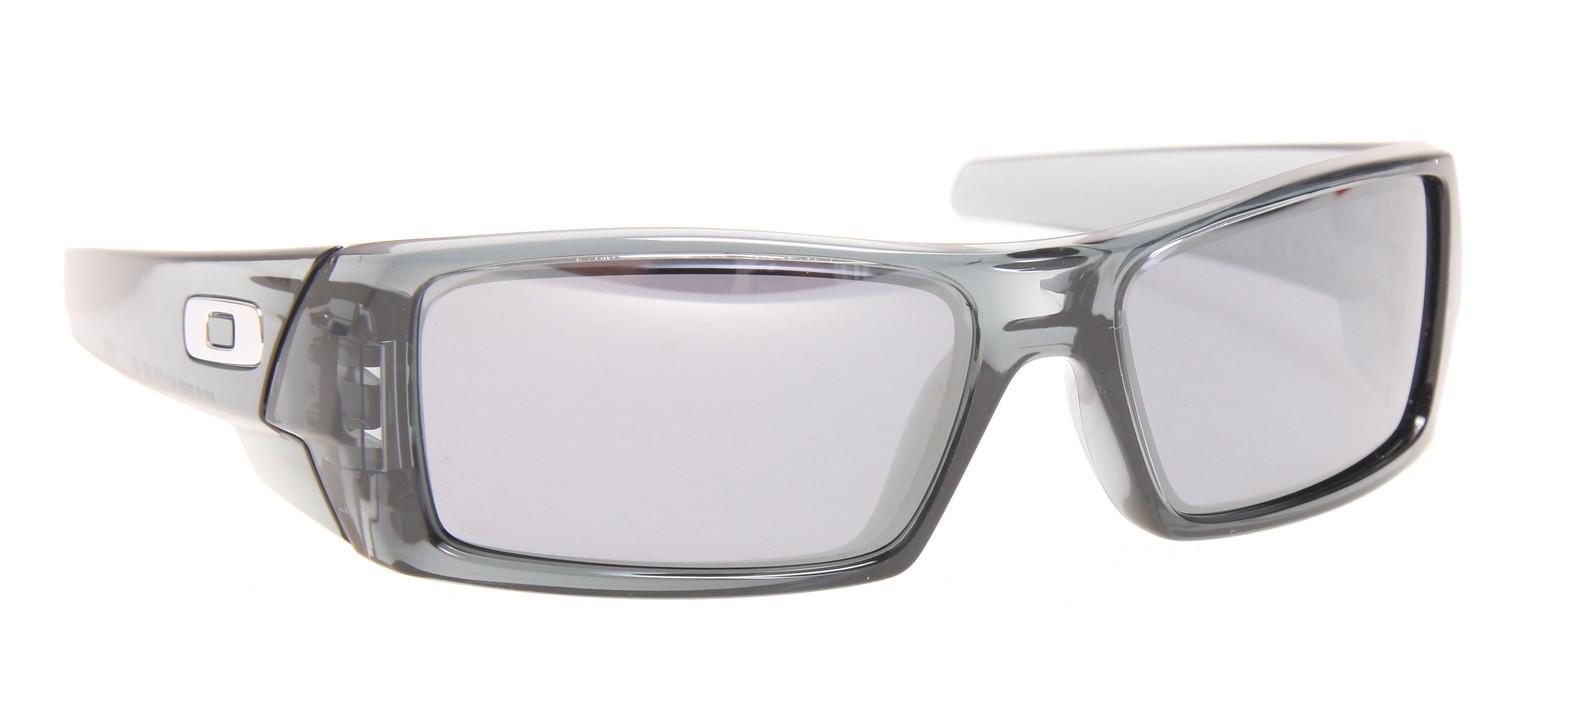 Oakley Gascan Specs